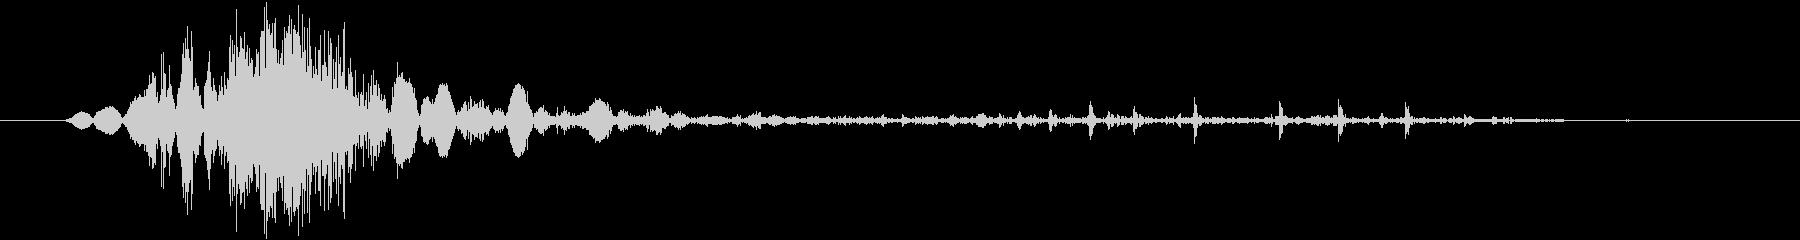 鞭(ムチ)で攻撃する効果音 08bの未再生の波形